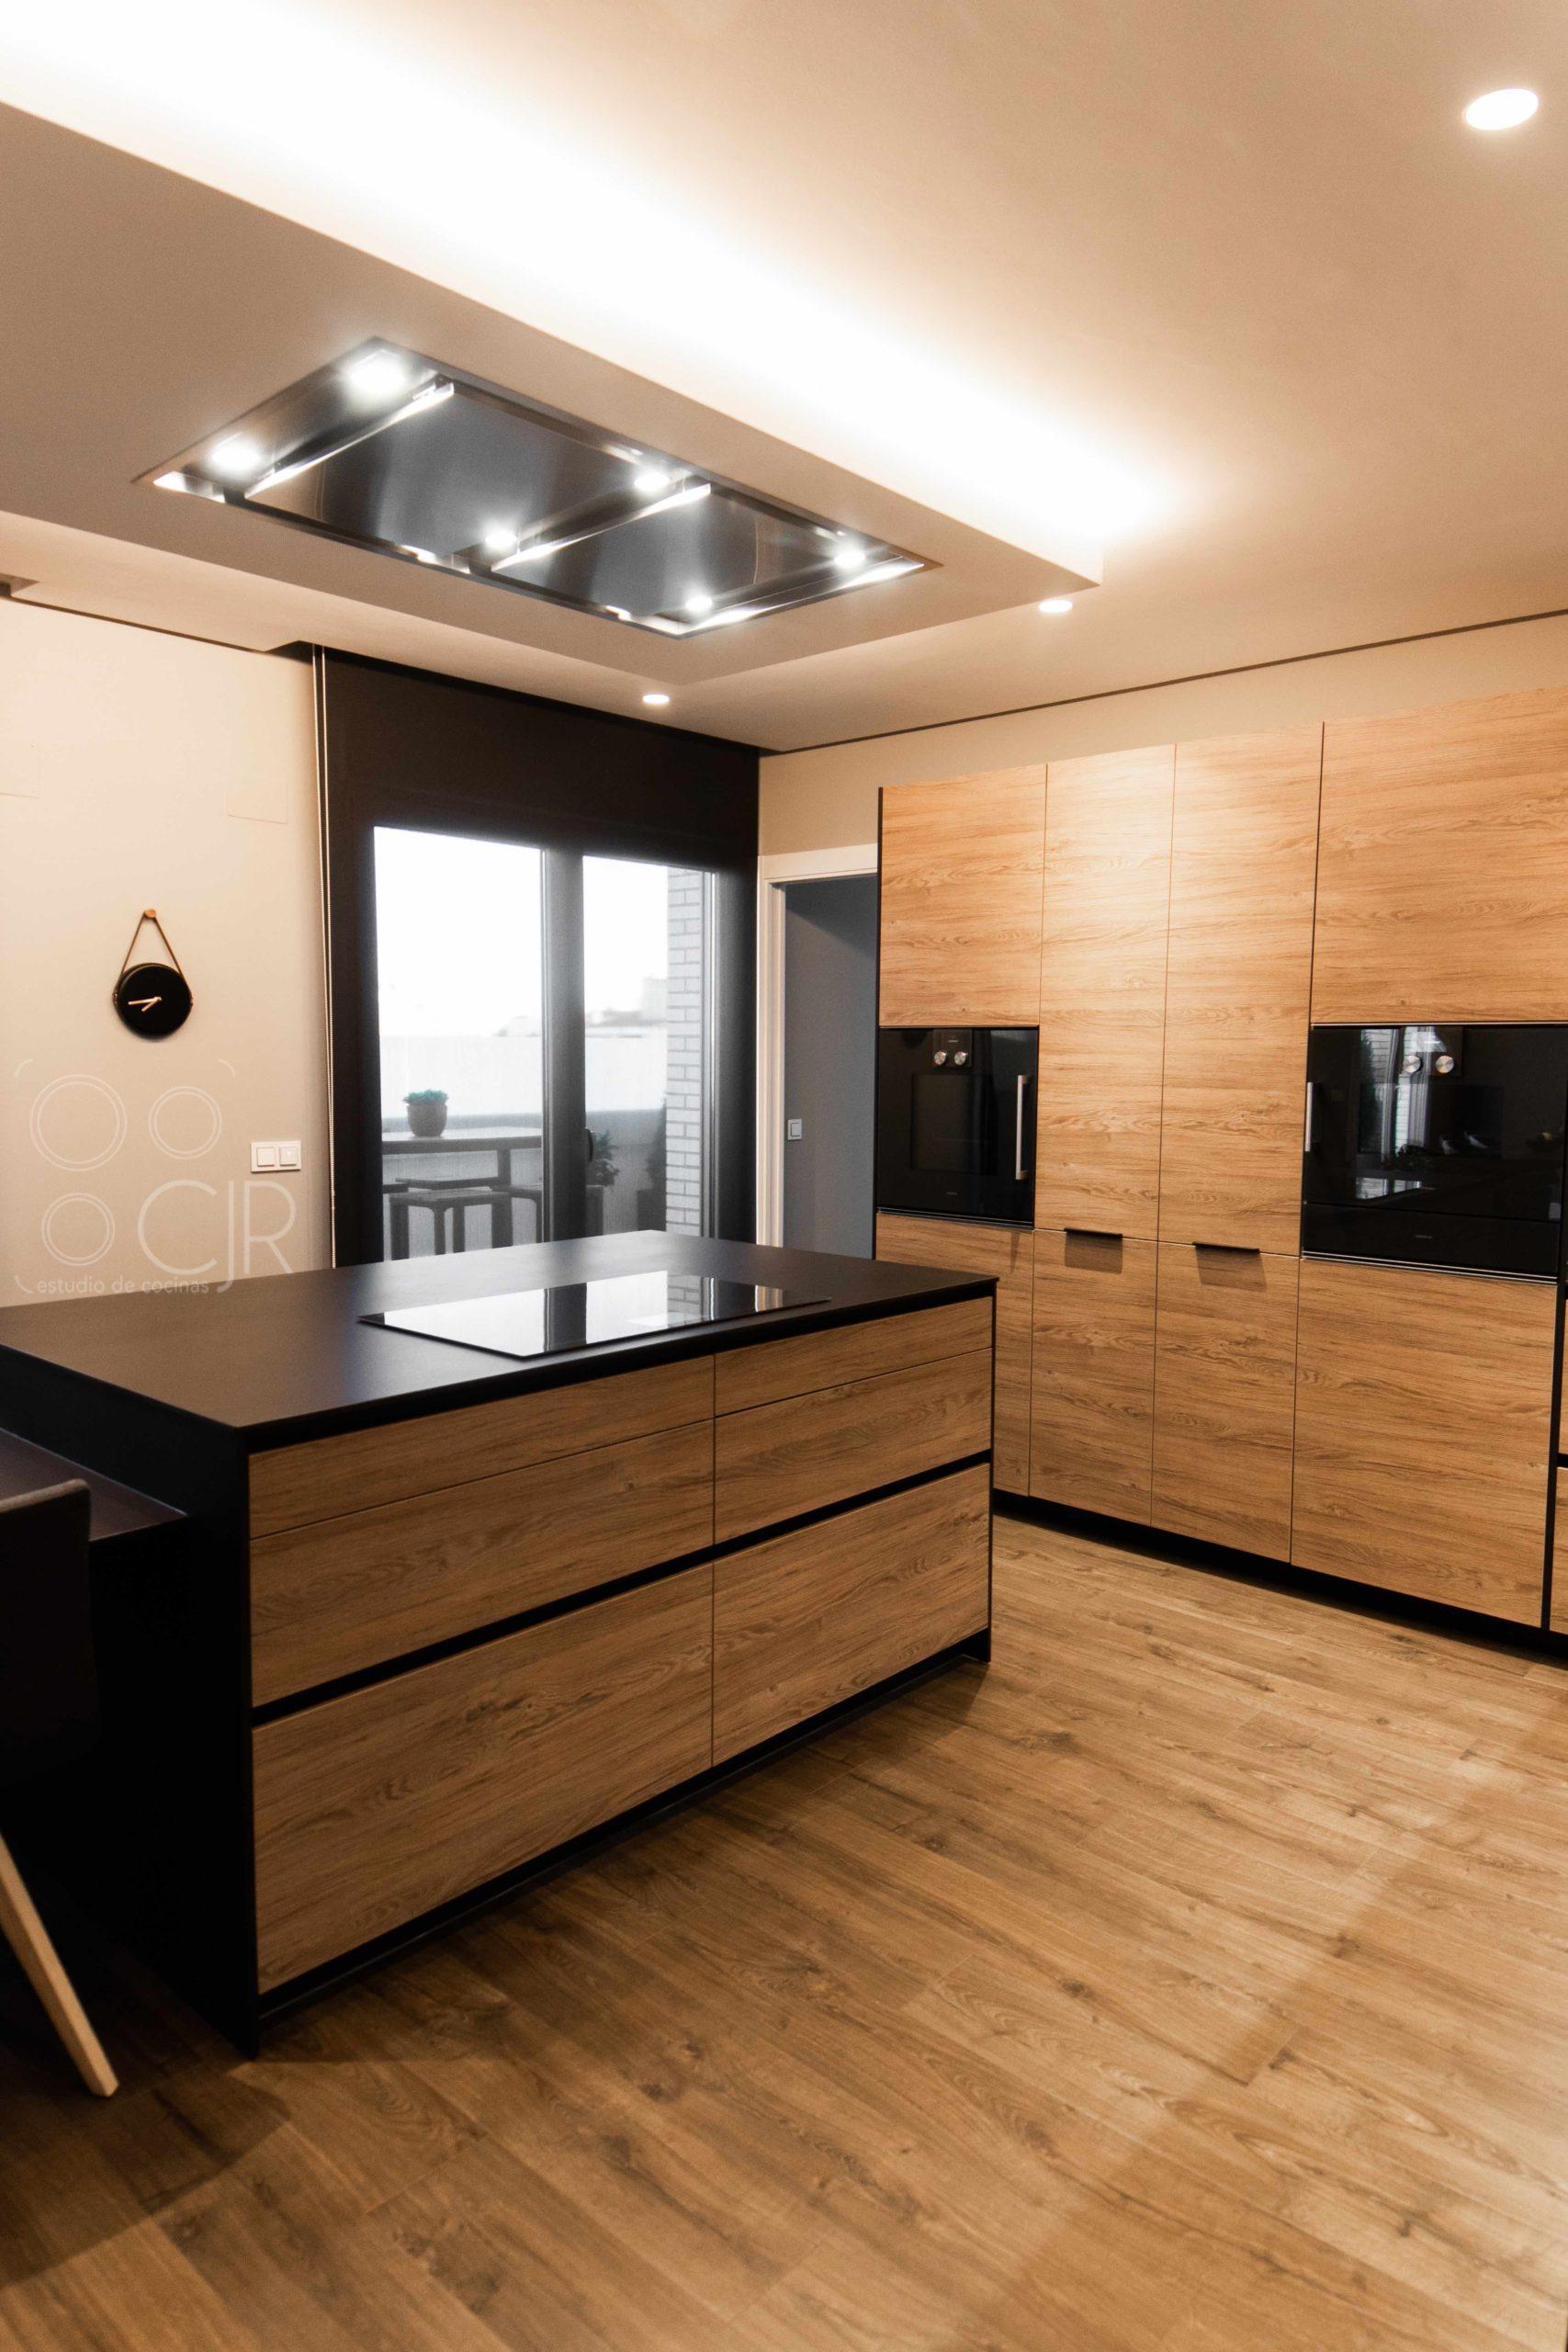 cocinas con isla negras y madera